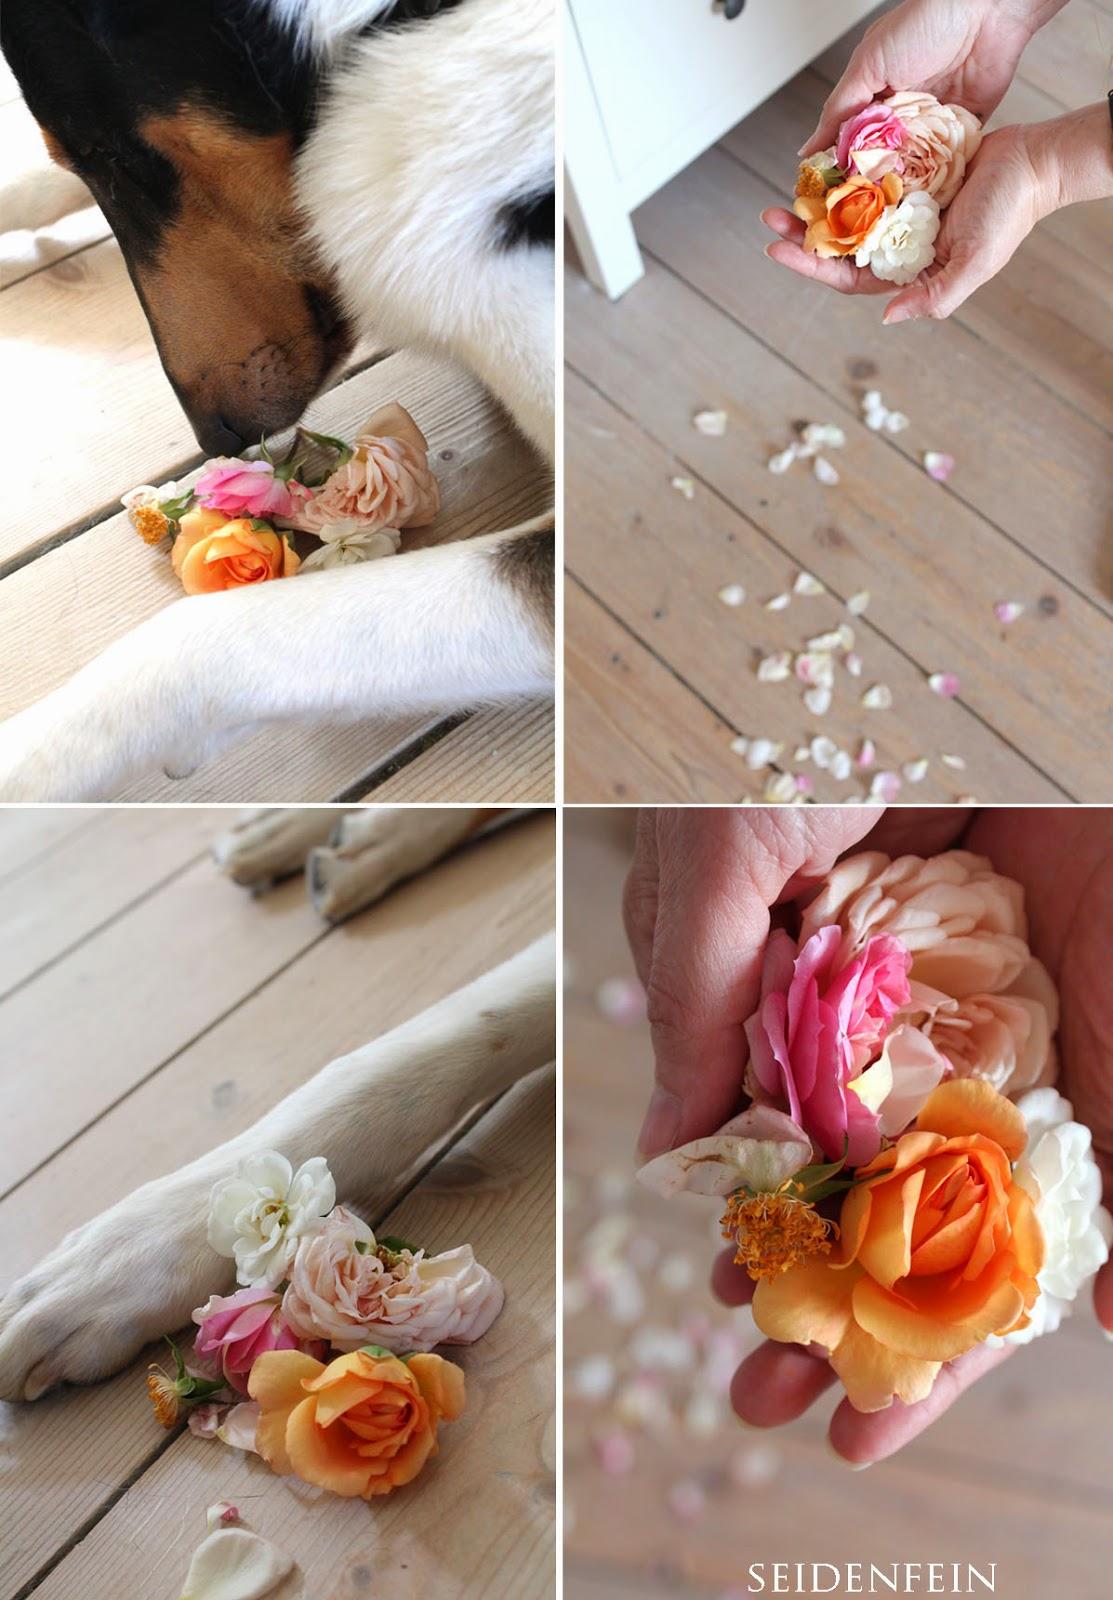 rosenblüten trocknen im backofen